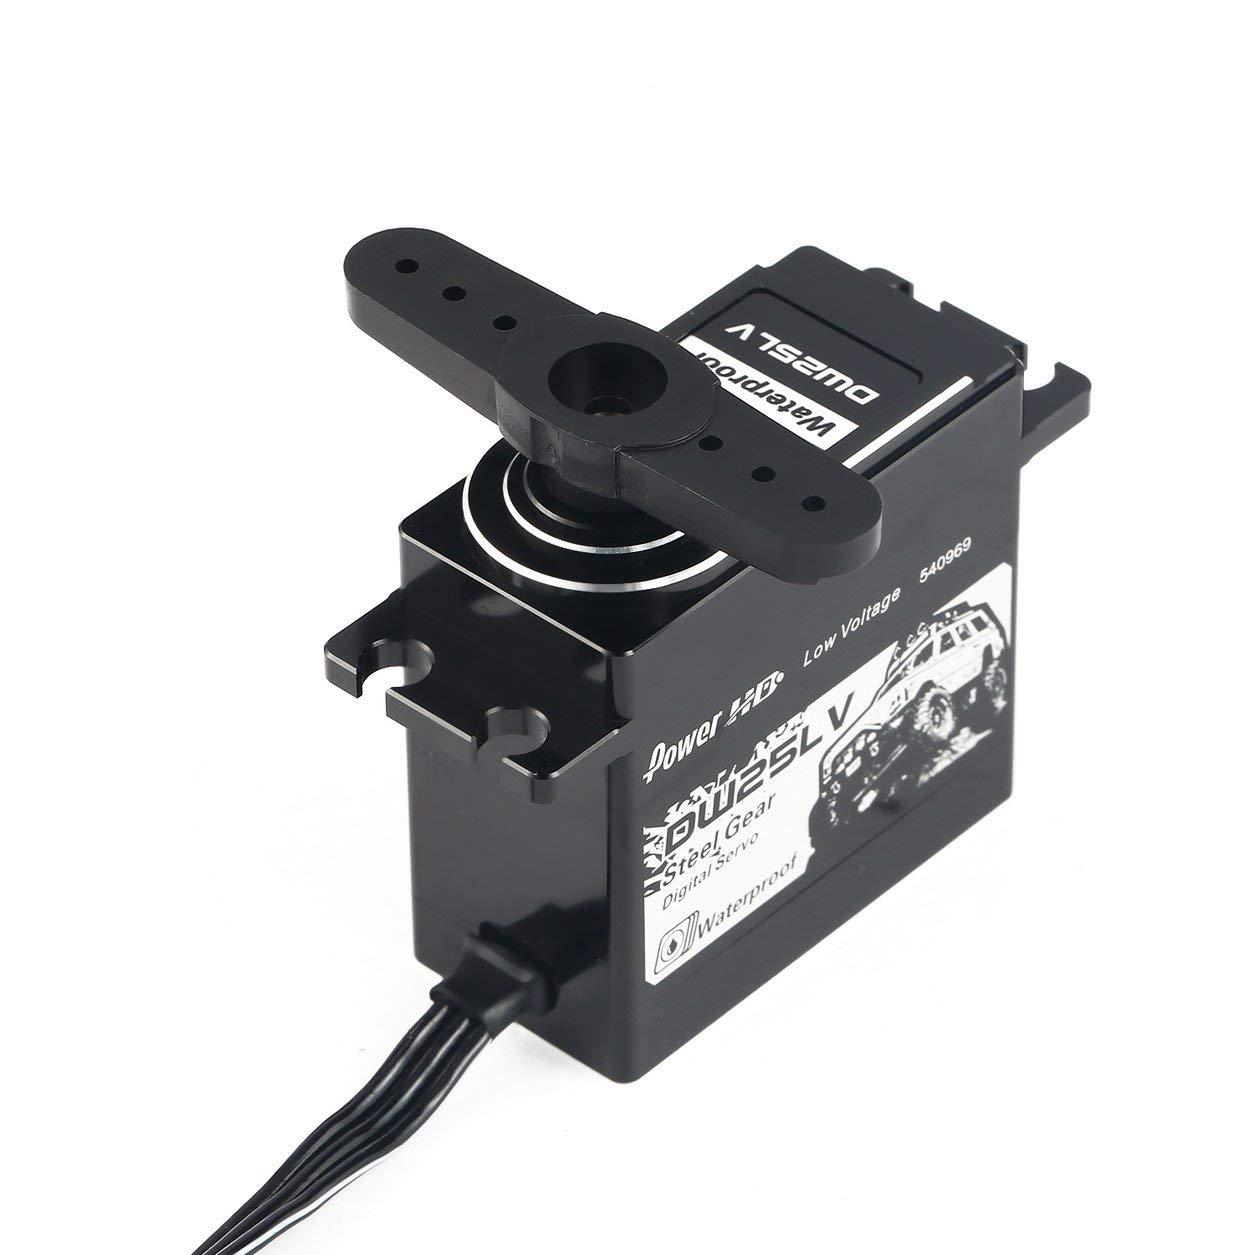 パワーHD DW-25LV防水メタルギアデジタルコアレスサーボ(25kg高トルク/ 1/10 RCリモートコントロールカーボート用)(カラー:ブラック) B07HXQNJTG